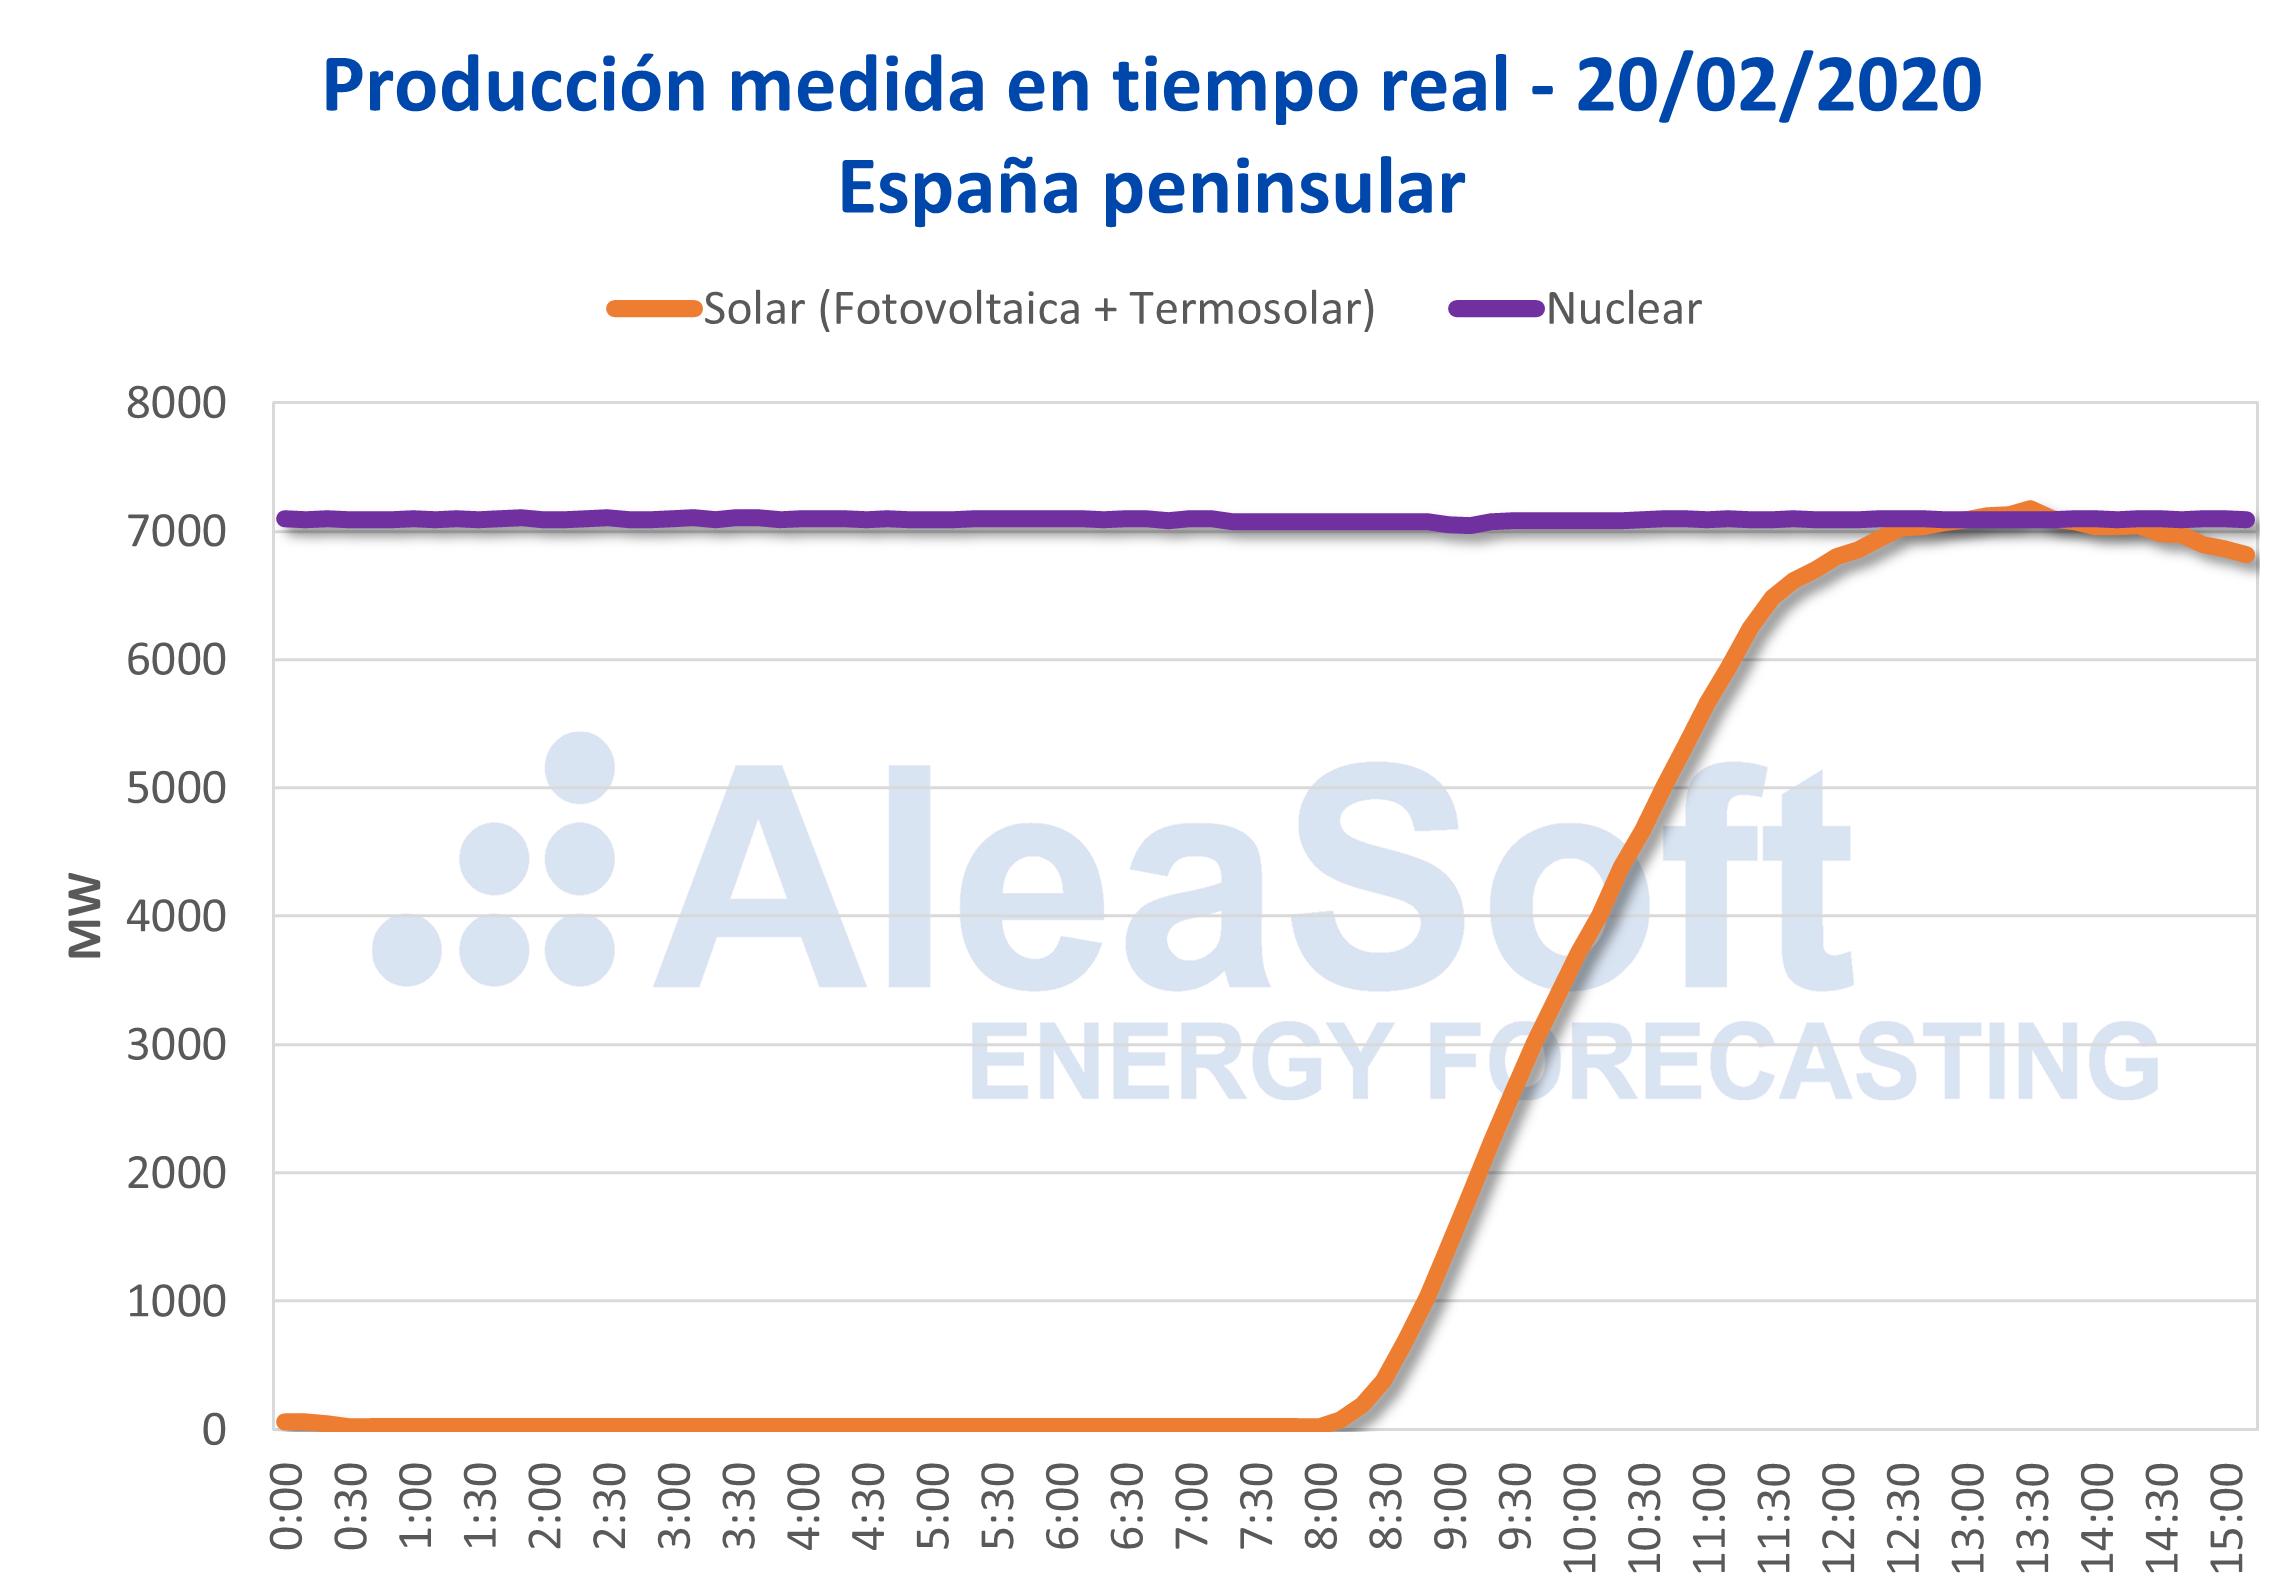 La producción solar instantánea de España supera a la producción nuclear por primera vez